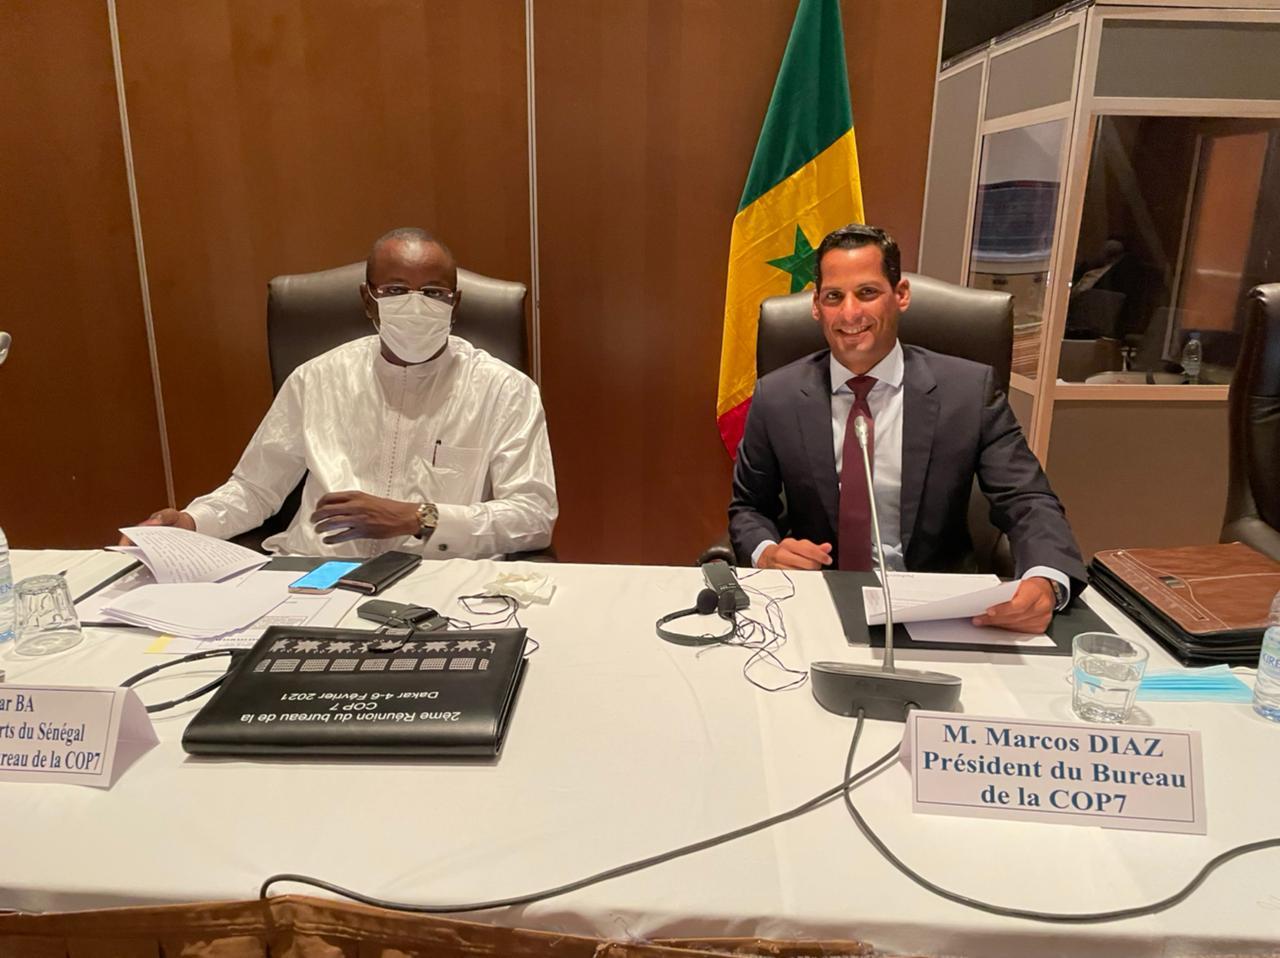 Marcos Díaz preside reunión para la Convención Internacional contra el Dopaje en el Deporte, celebrada en Senegal